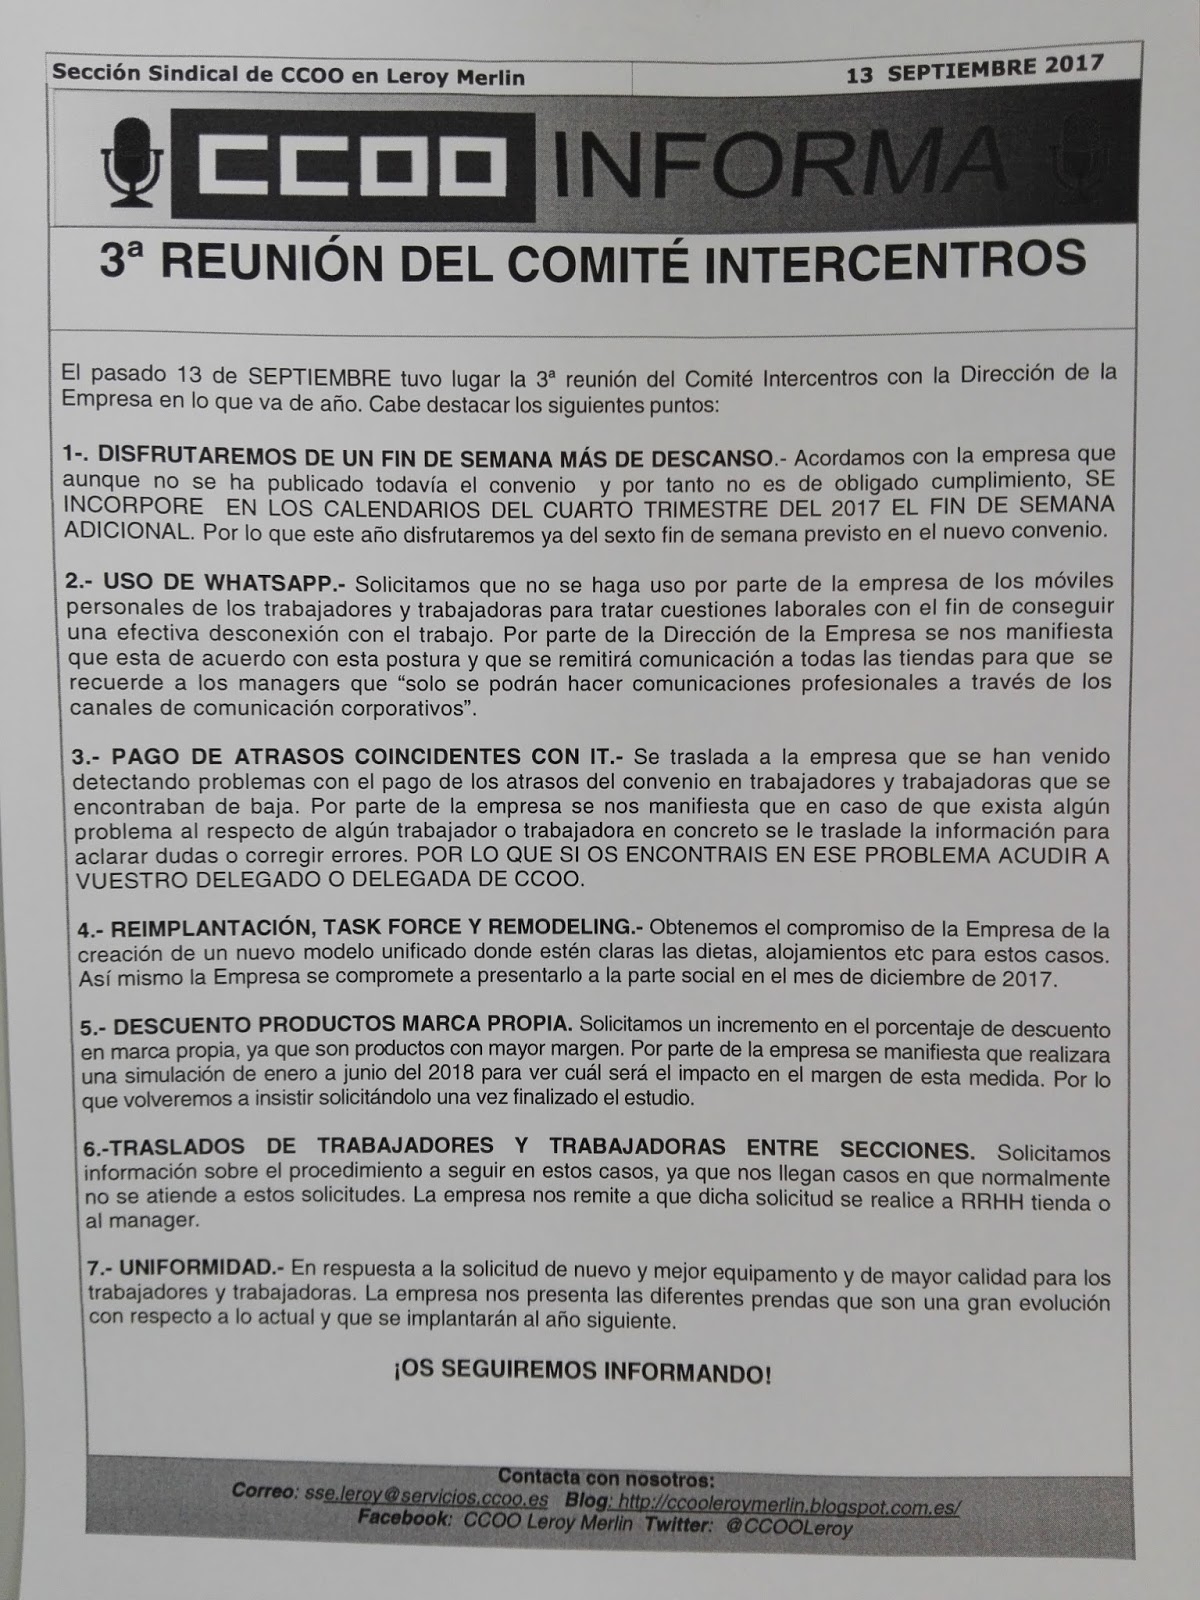 Ccoo Lm Oviedo 2017 ~ Pistola De Impacto Leroy Merlin